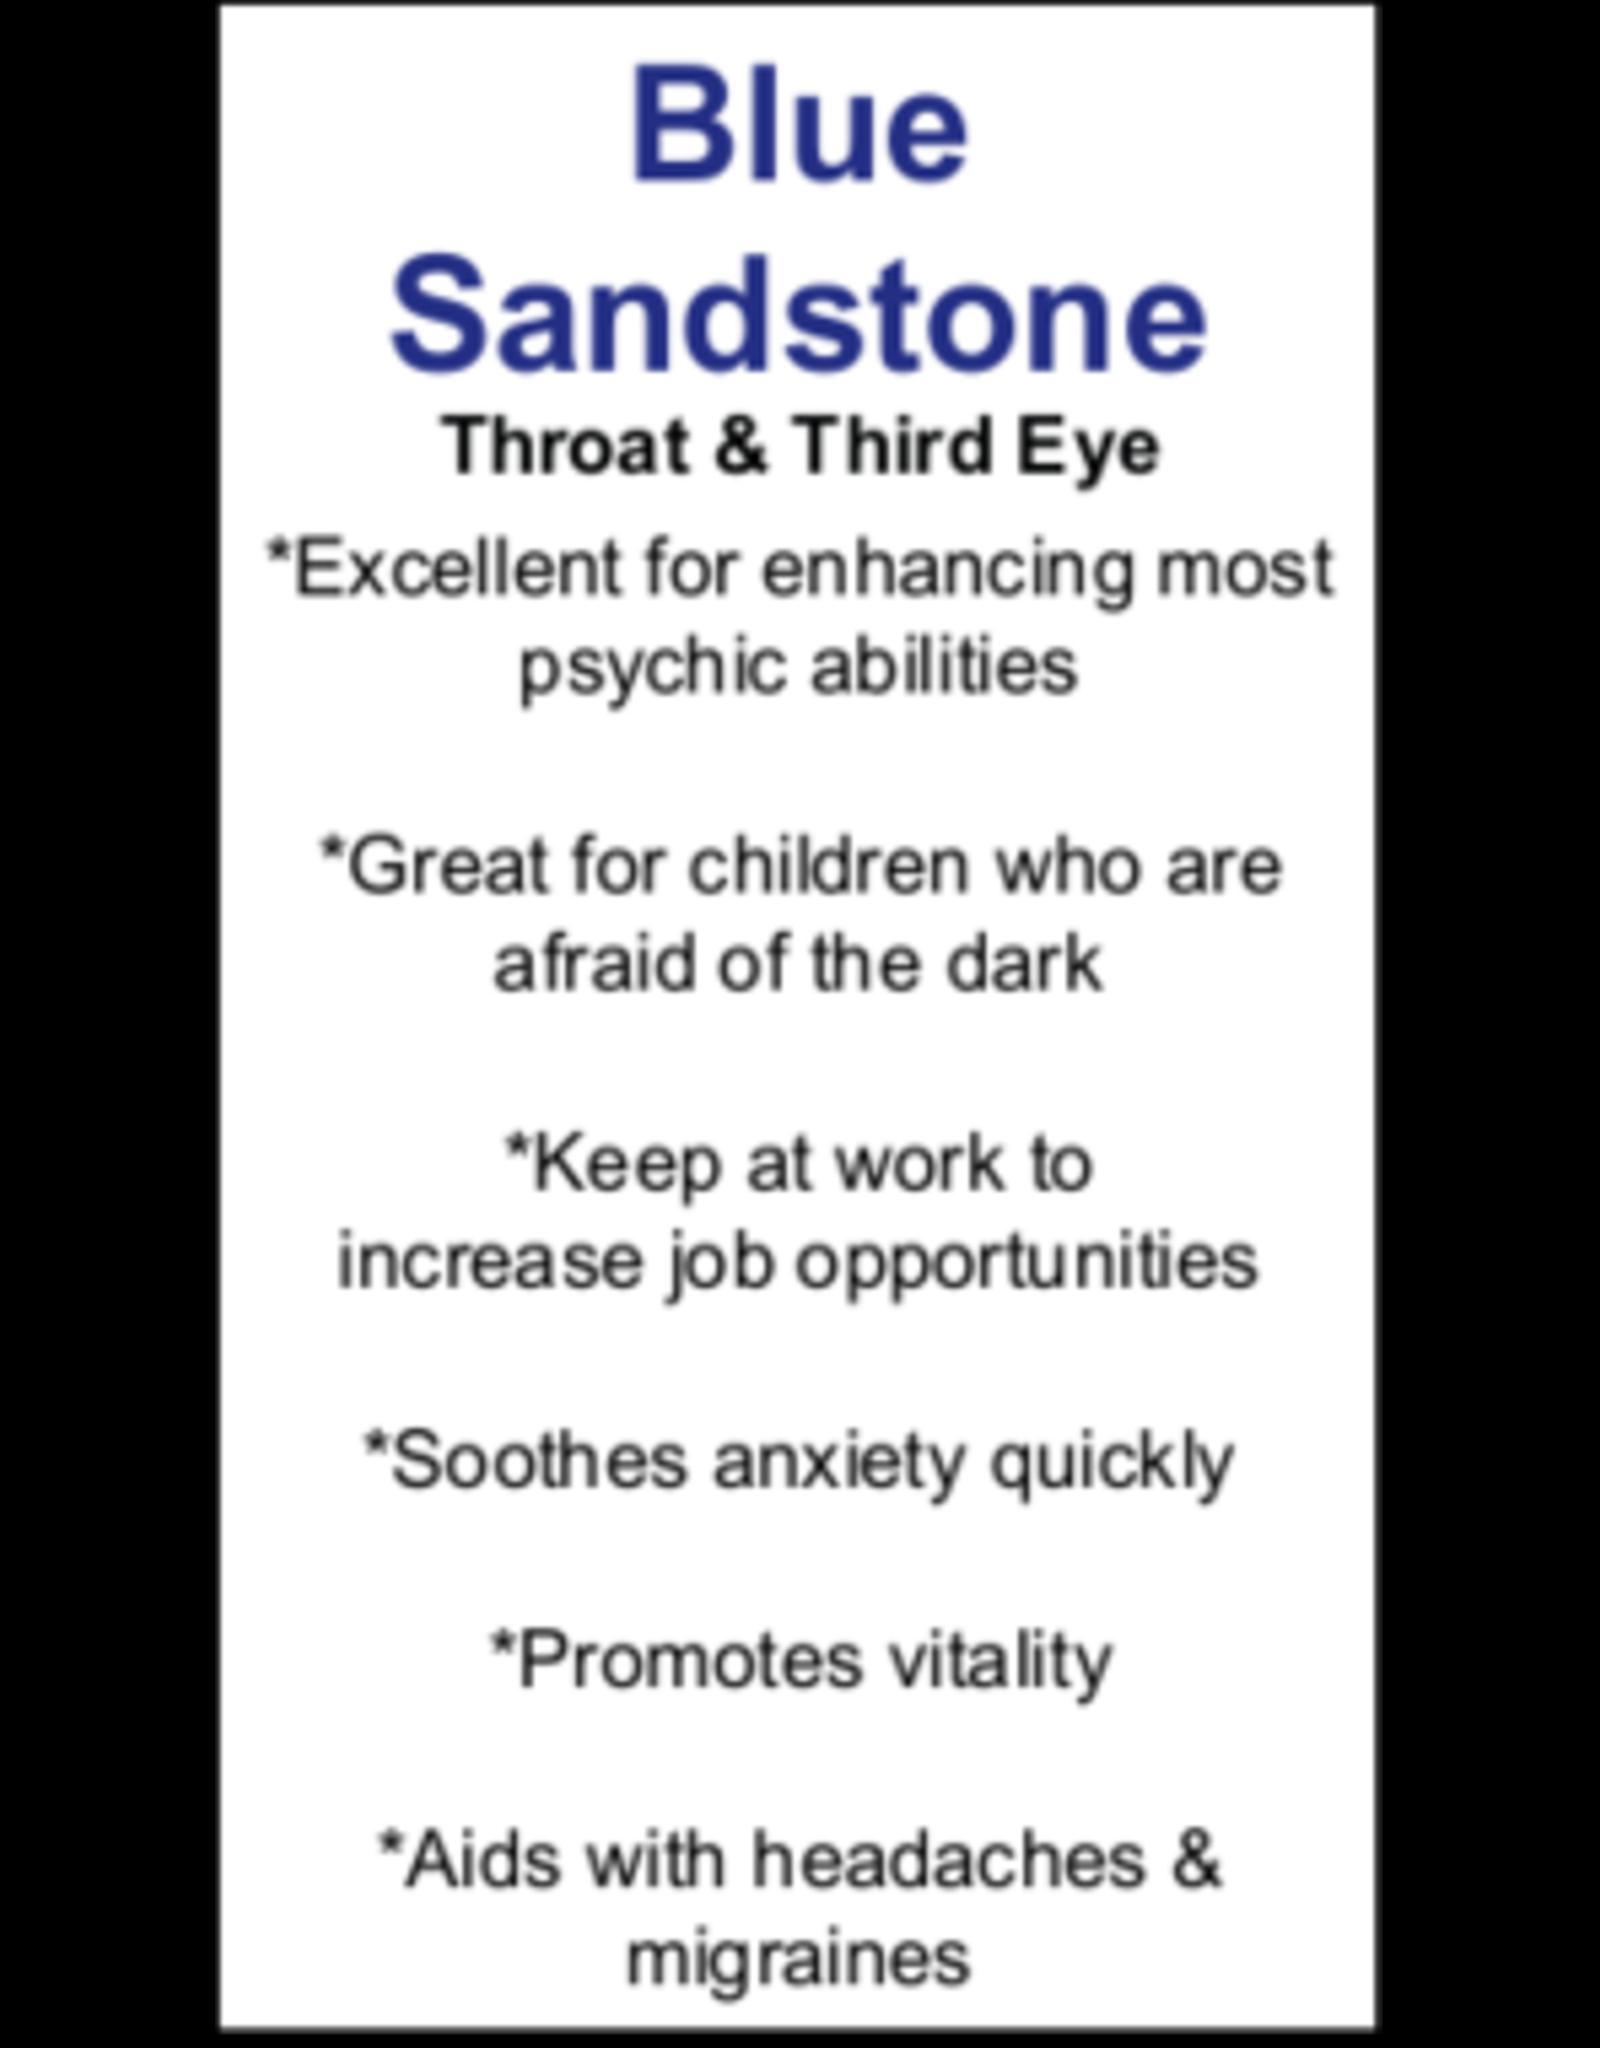 Blue Sandstone - Card